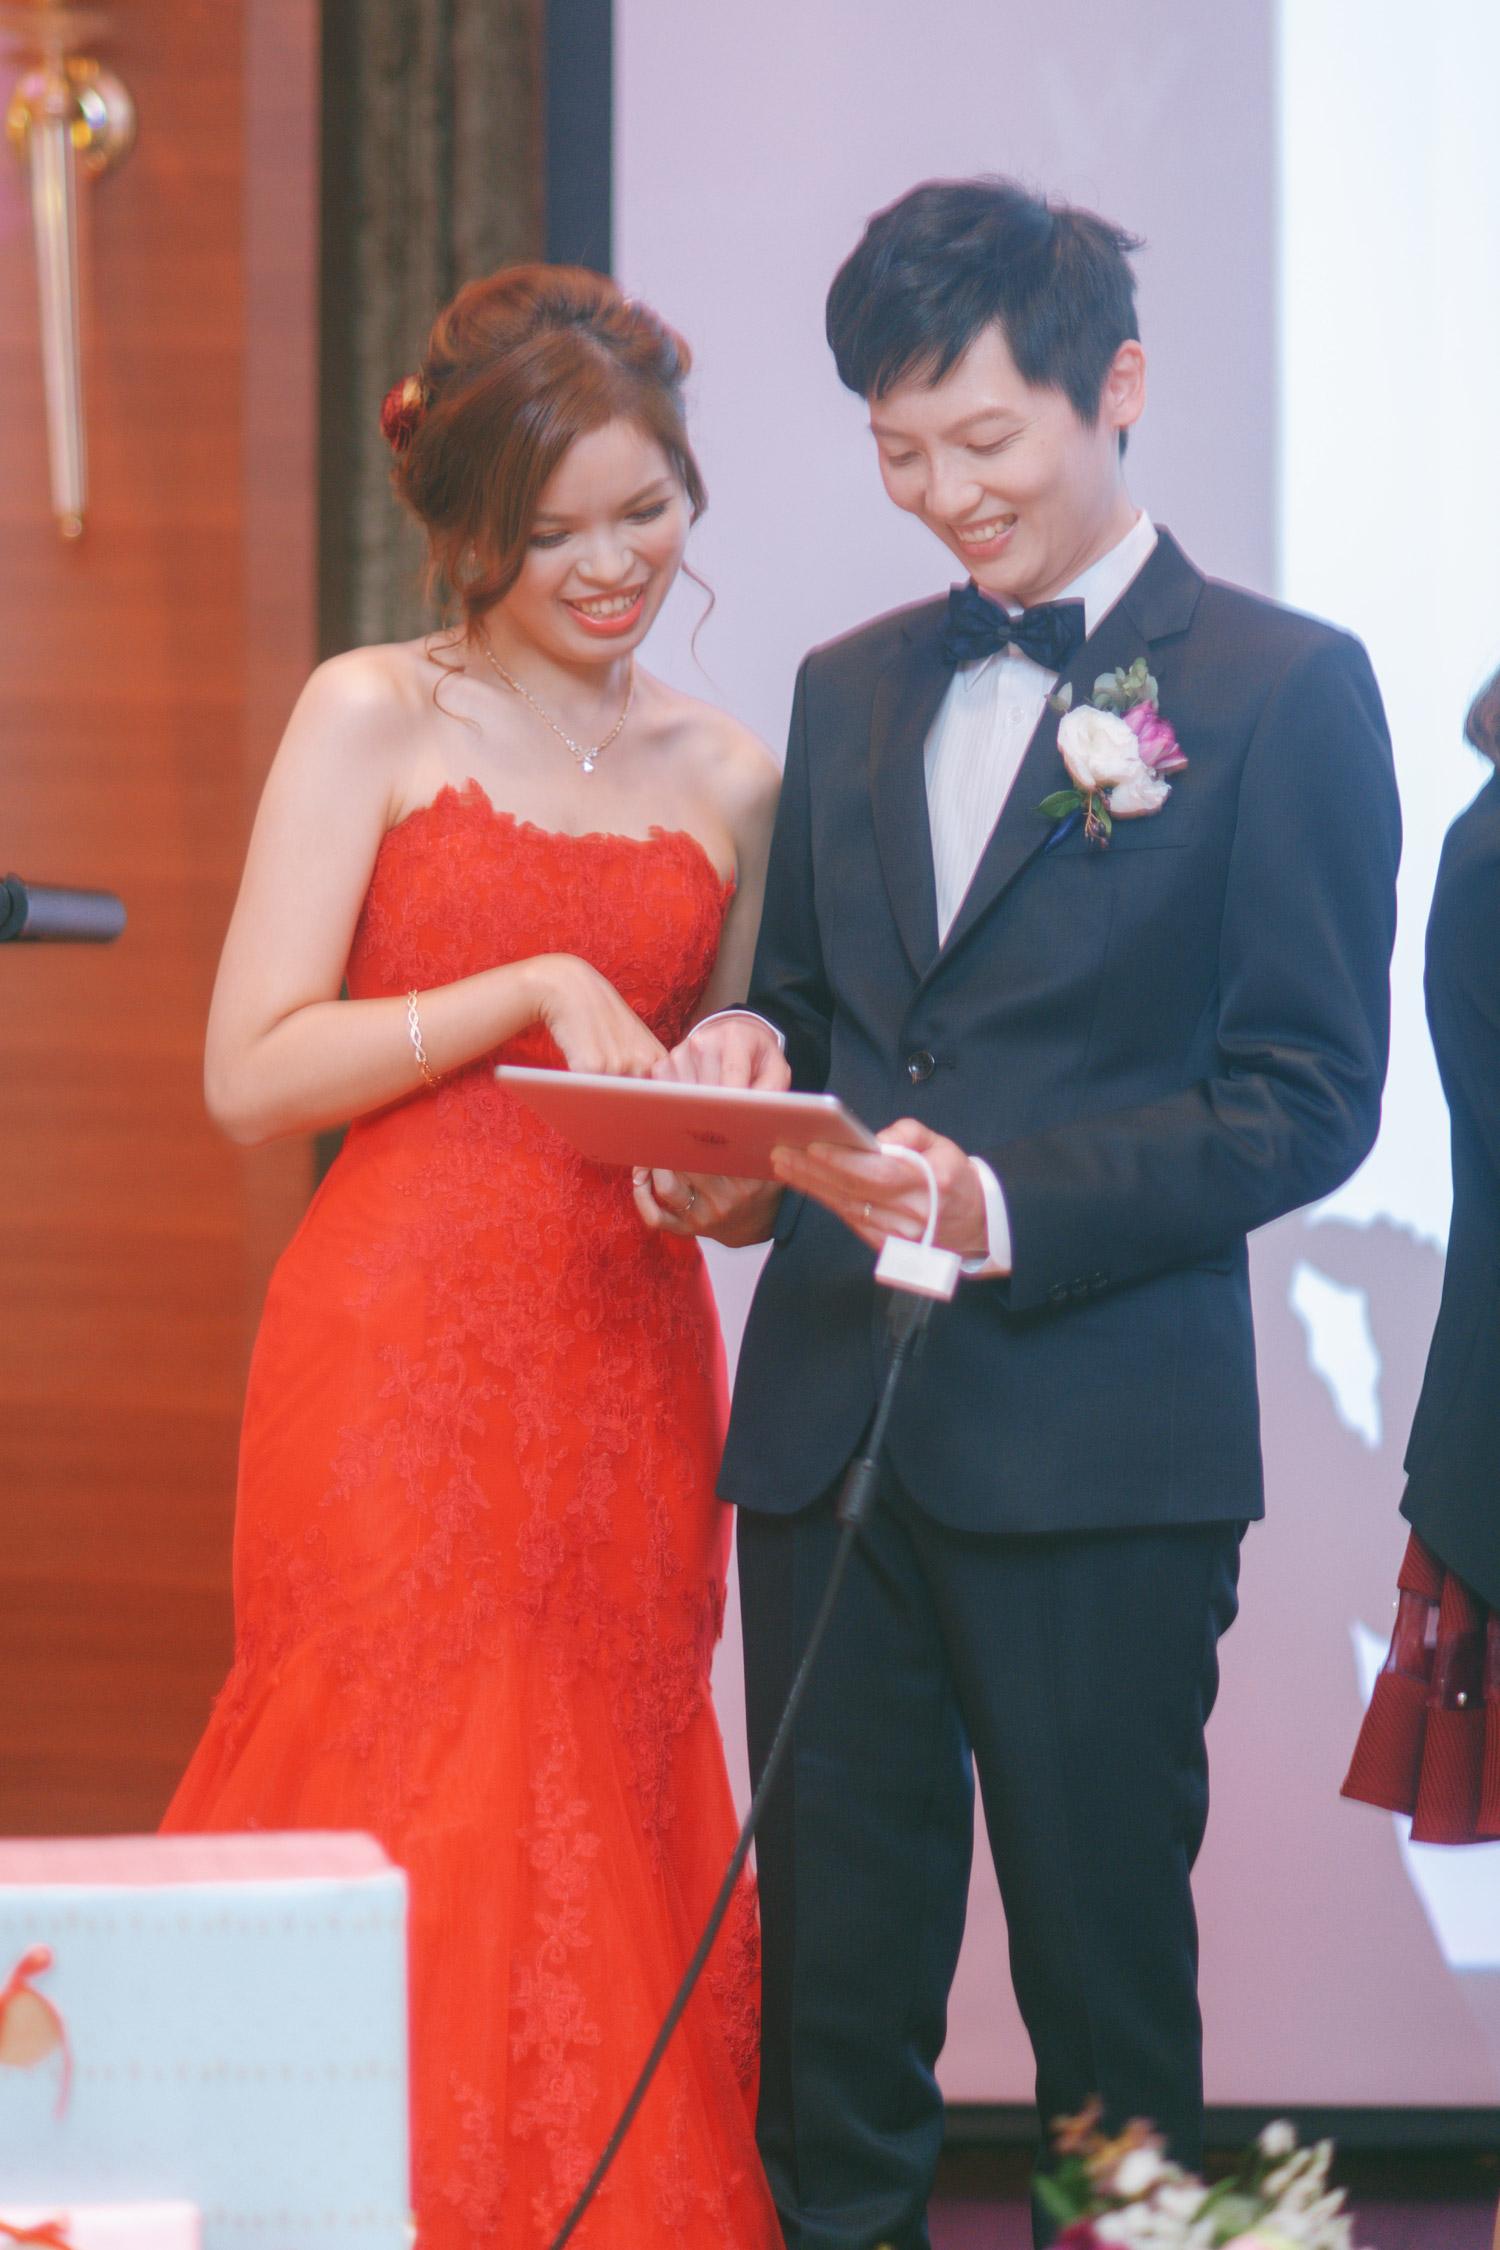 wedding_fresh_008_042